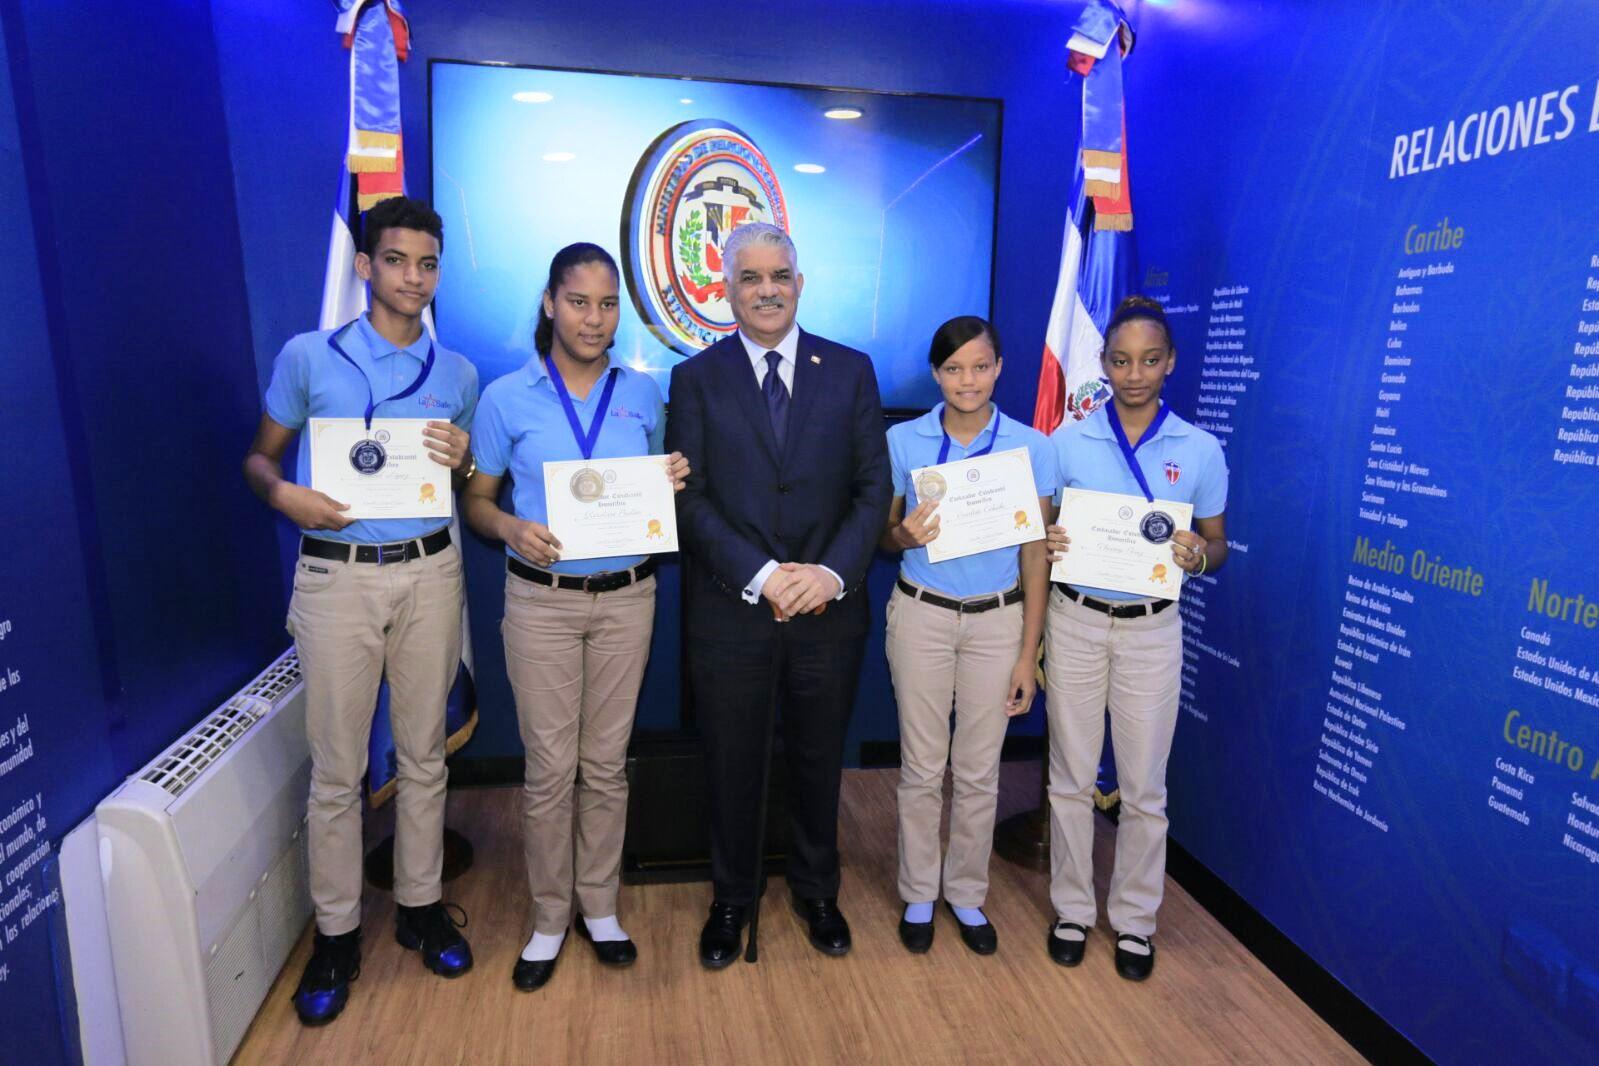 el canciller miguel vargas junto al grupo de estudiantes meritorios del liceo san juan bautista la salle quienes recibieron el reconocimiento de embajador estudiantil honorífico